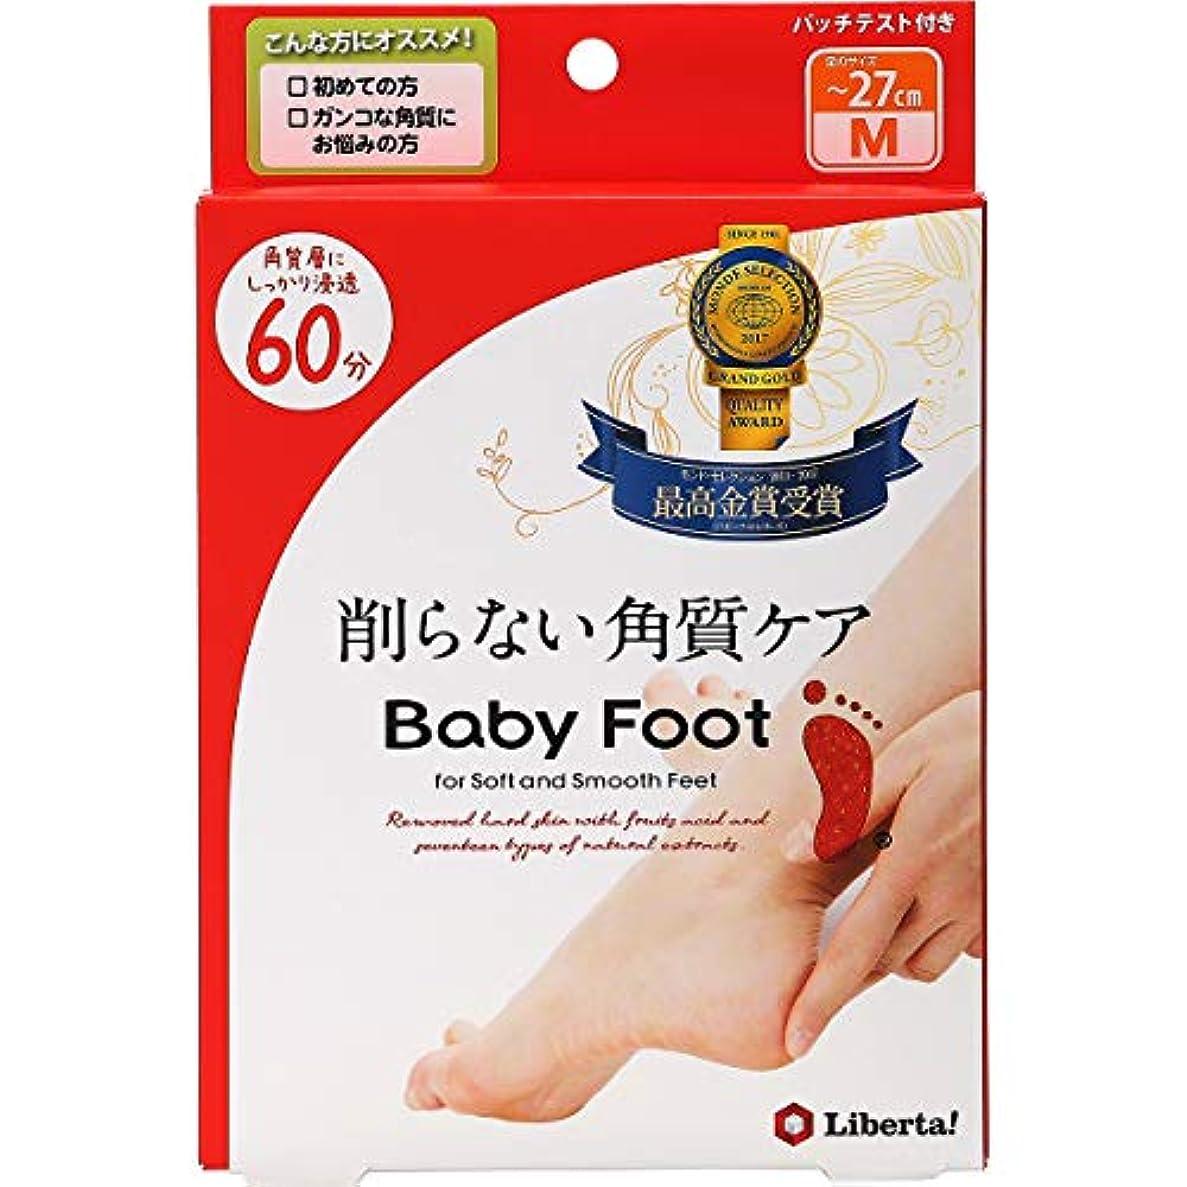 ぺディカブ救出シャーロックホームズベビーフット (Baby Foot) ベビーフット イージーパック SPT60分タイプ Mサイズ 単品